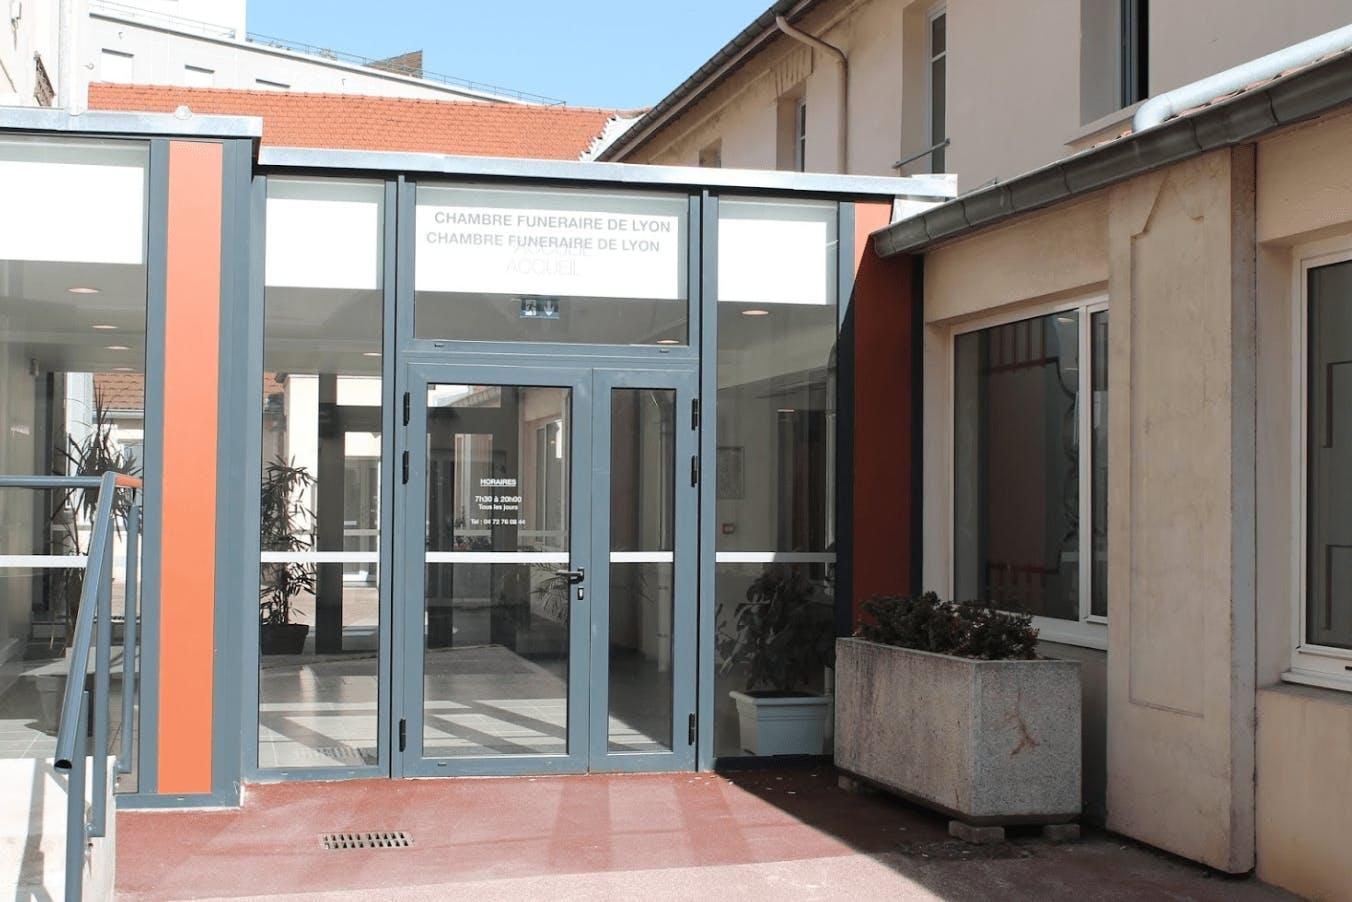 Photographie de la Chambre Funéraire de Lyon